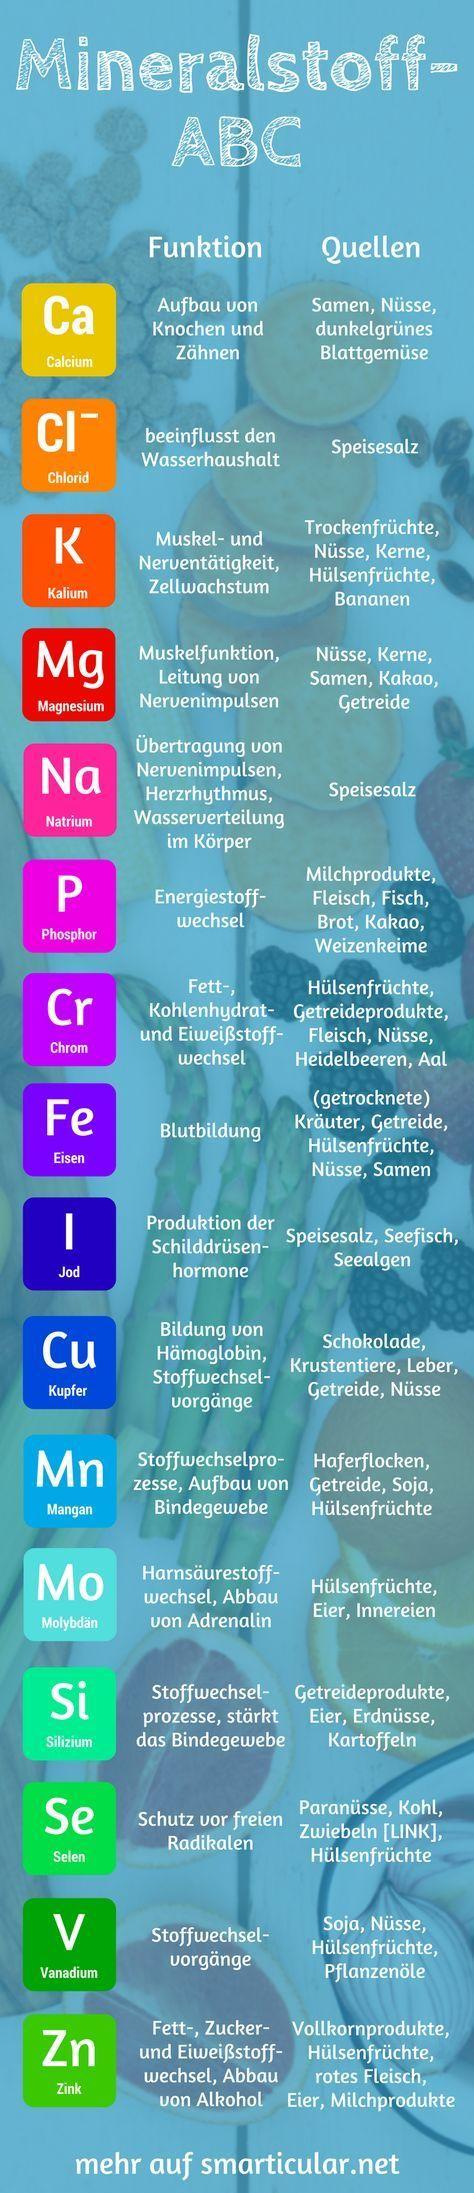 Viele Mineralstoffe sind für den Körper essentiell eine Unterversorgung kann schwerwiegende Folgen haben Wofür sie verantwortlich sind und welche Nahrungsm...